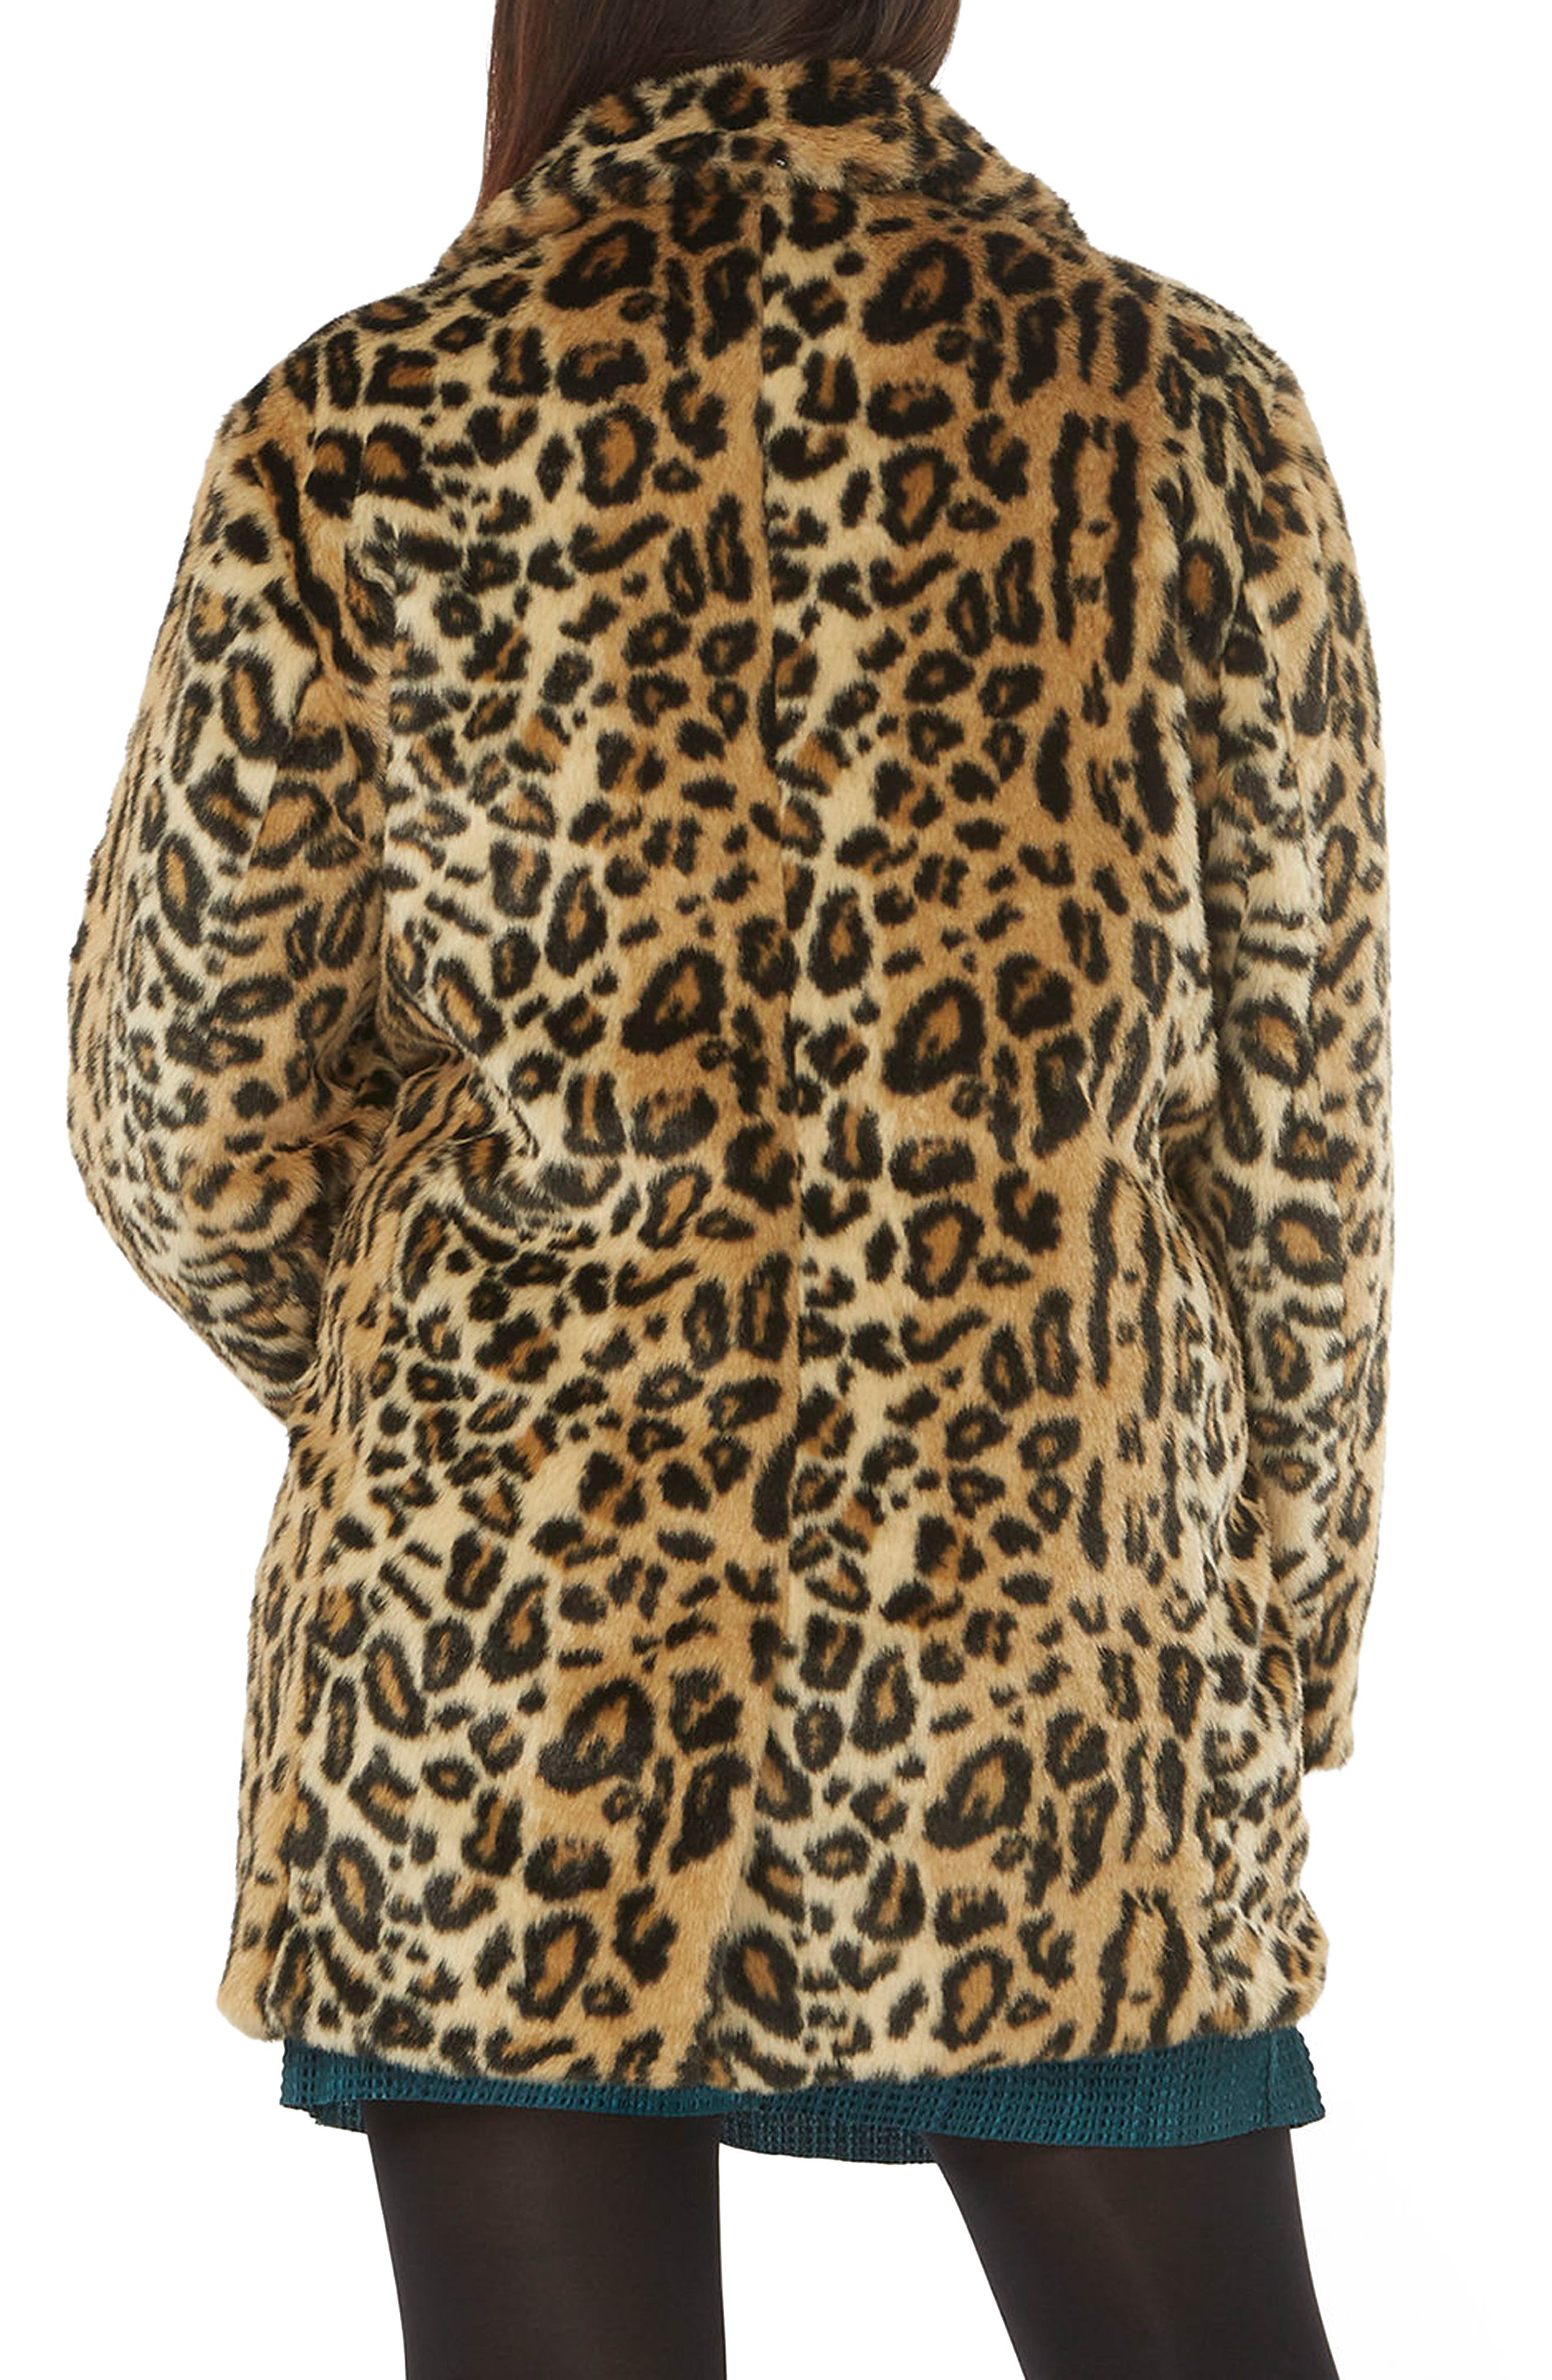 EVANS, Leopard Print Faux Fur Coat, Alternate thumbnail 2, color, 200